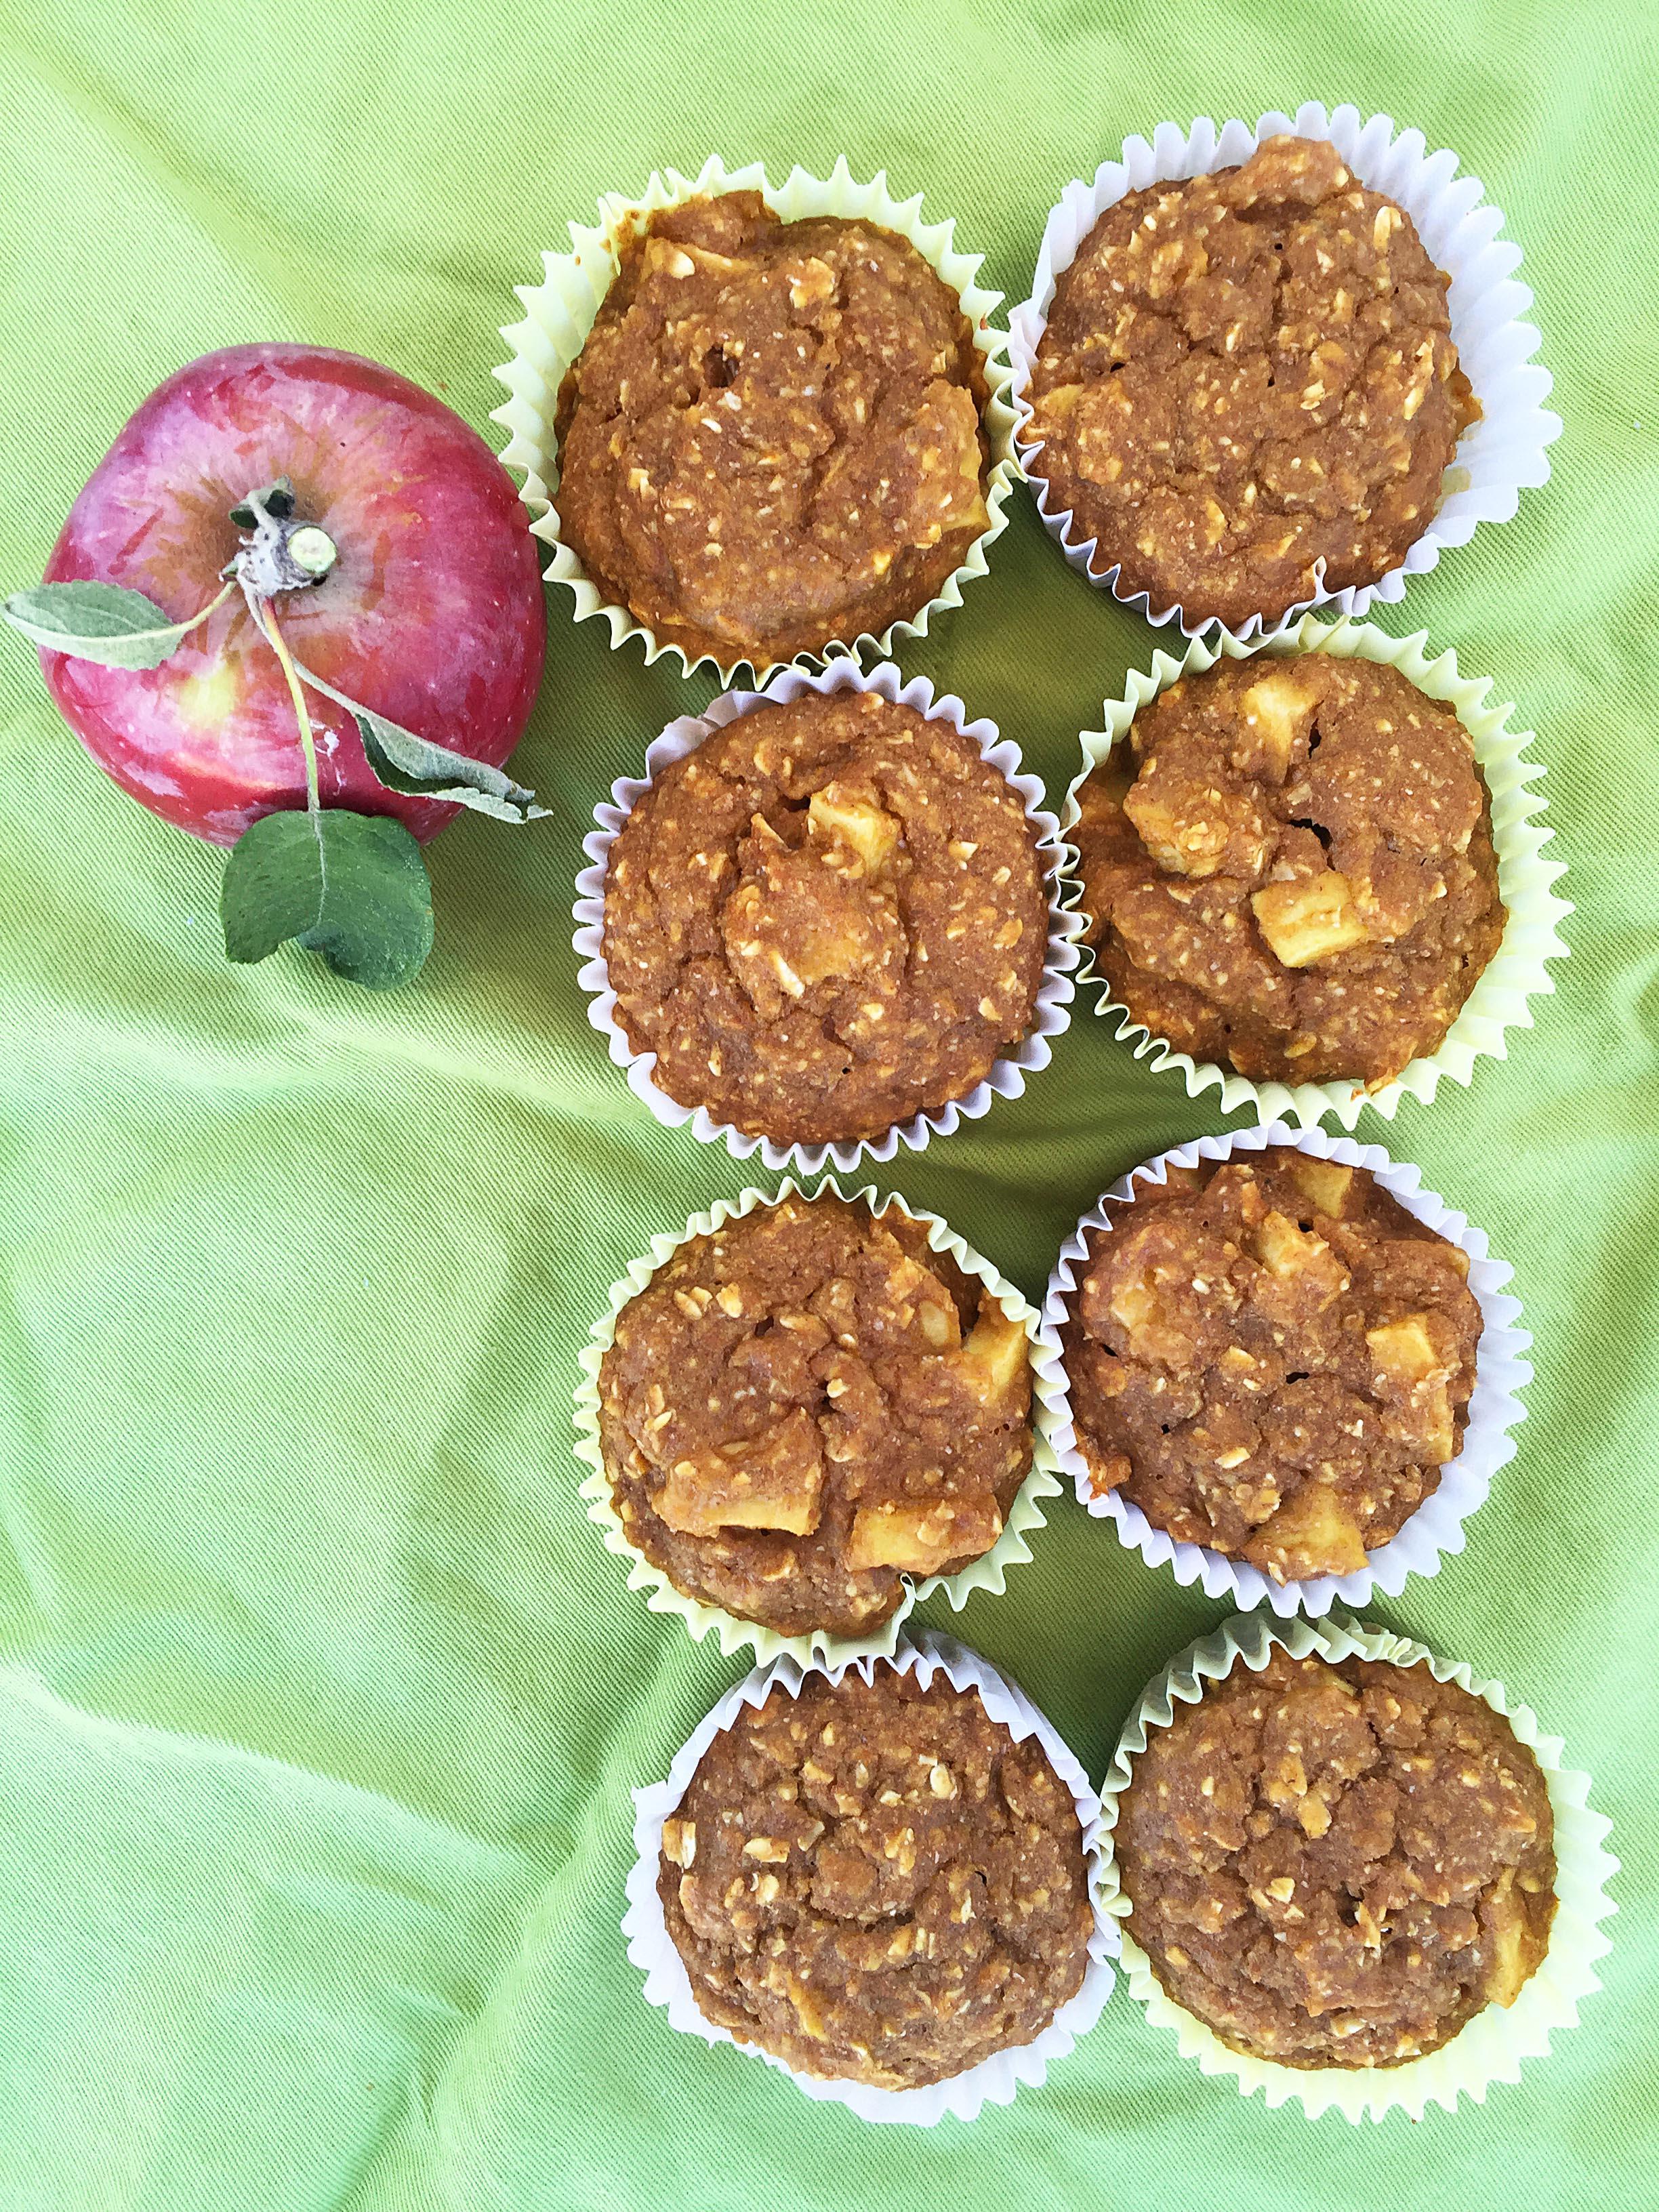 vegane Muffins backen Apfel Banane